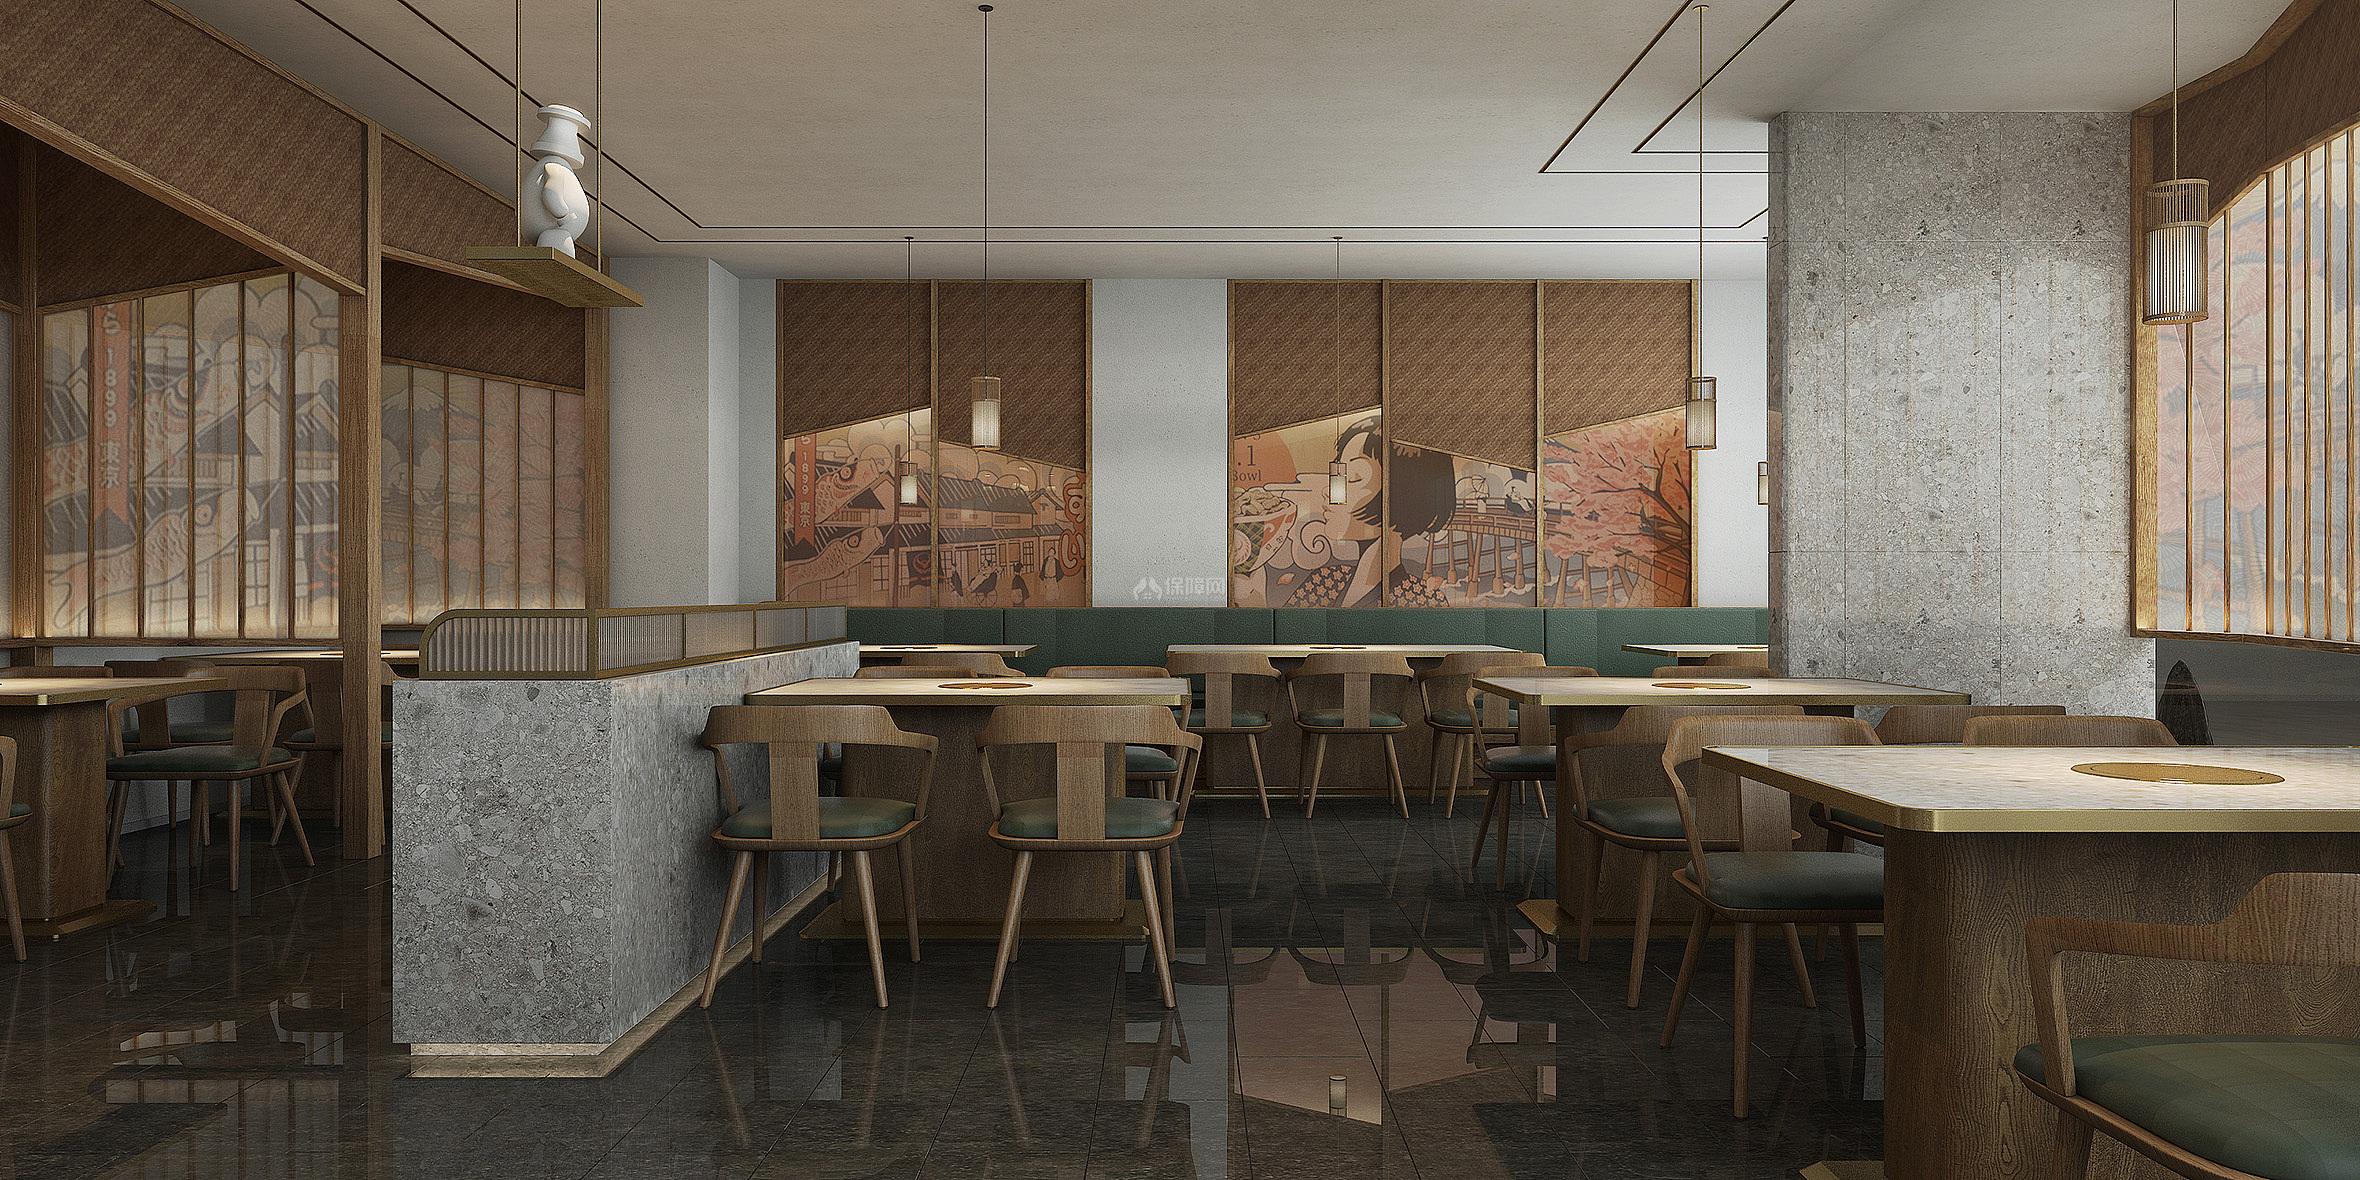 炉饄日式烤肉餐厅墙面装修效果图